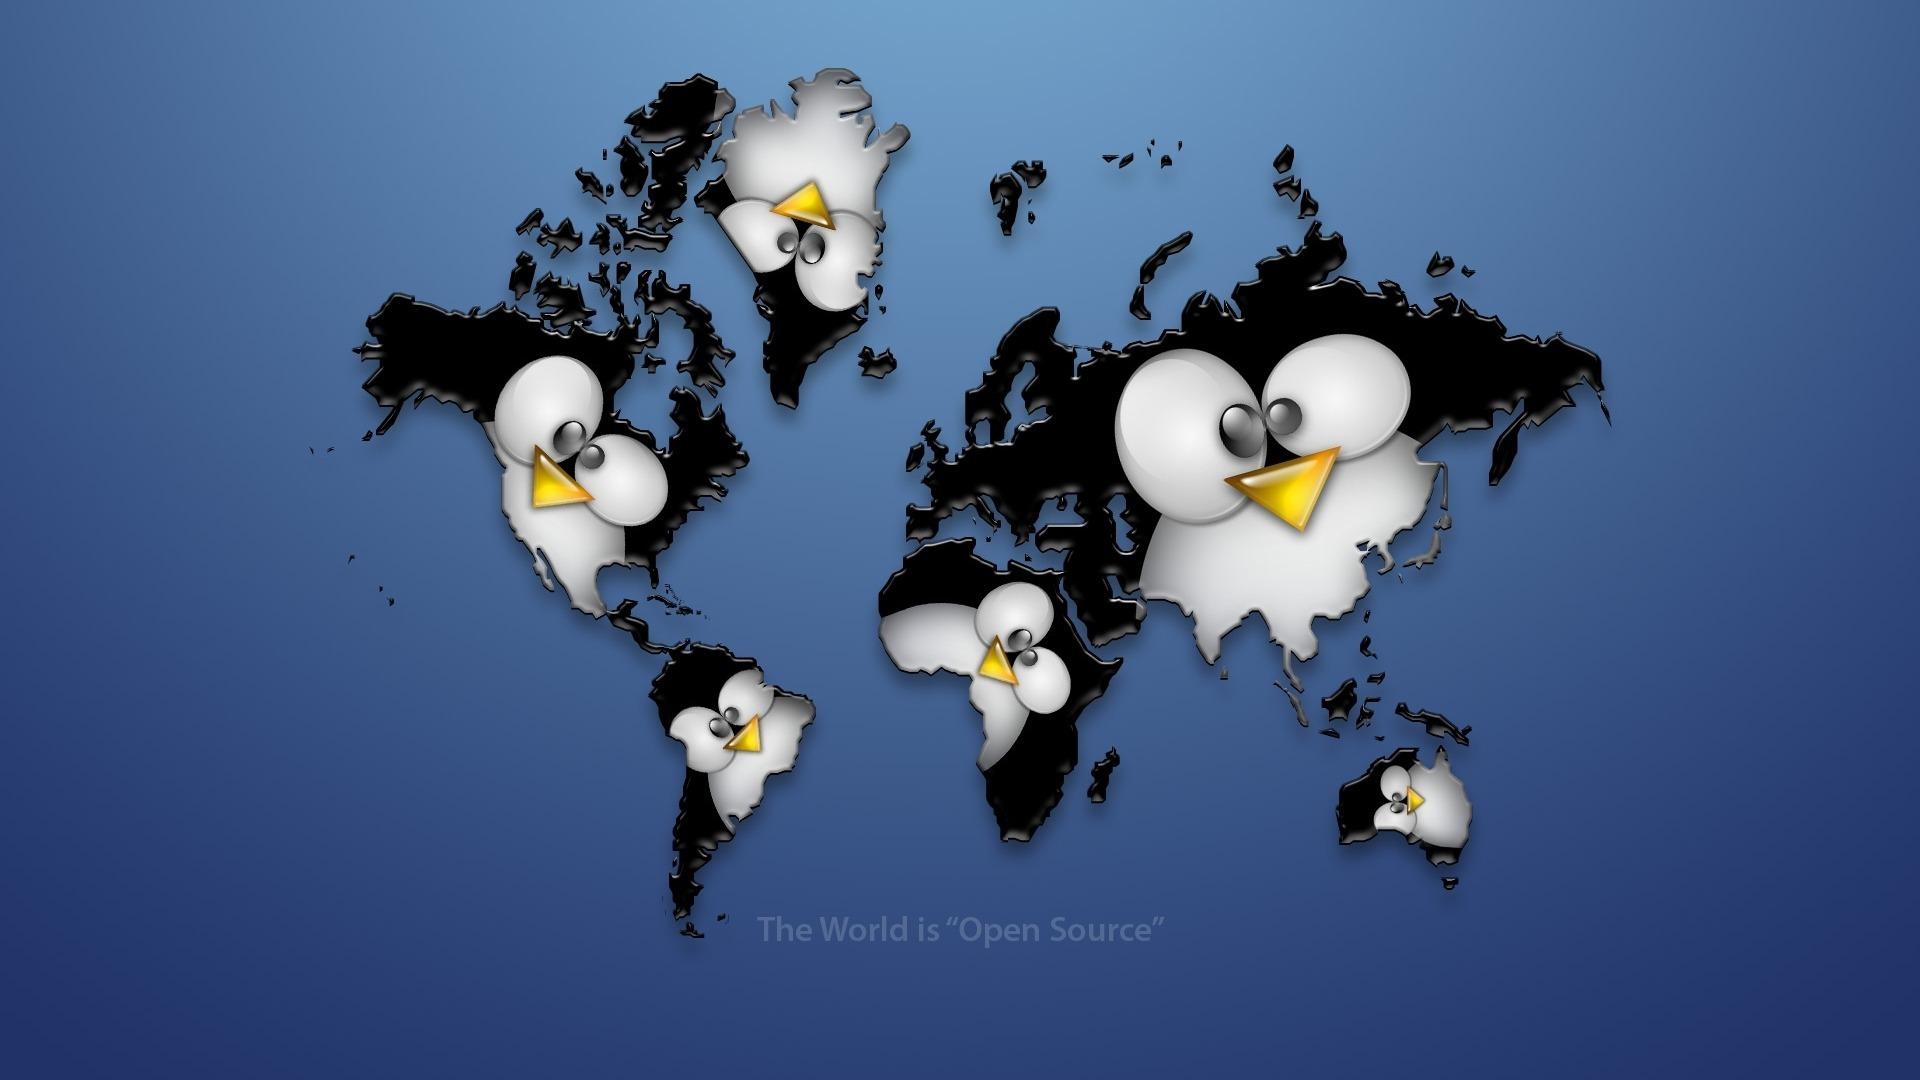 фото, карта мира, пингвин, скачать обои для рабочего стола, пингвины, Linux